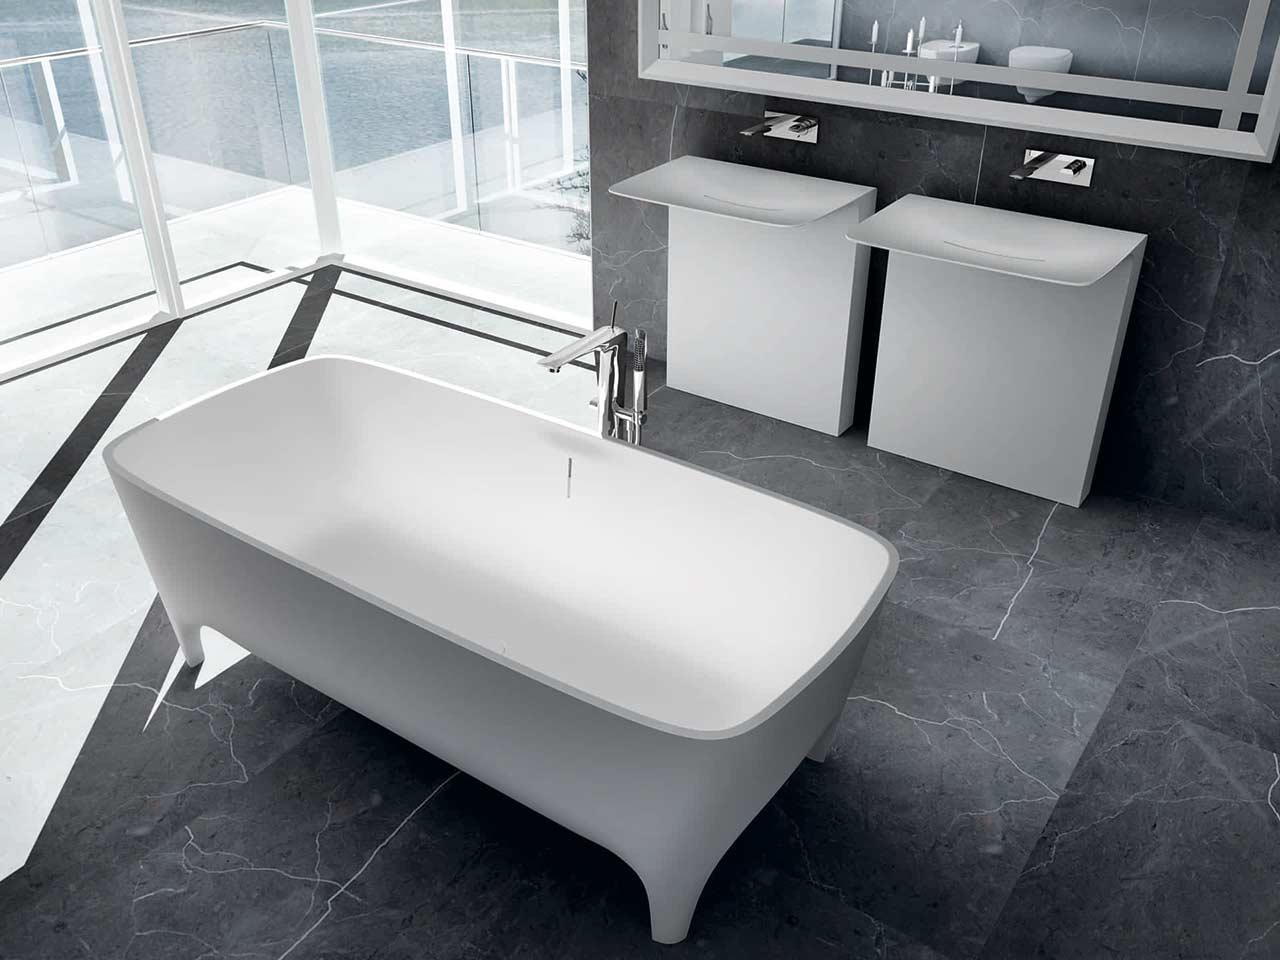 Vasche da bagno piccole dimensioni prezzi best teuco chapeau bagnoturco vasche da bagno con - Prezzo vasche da bagno ...